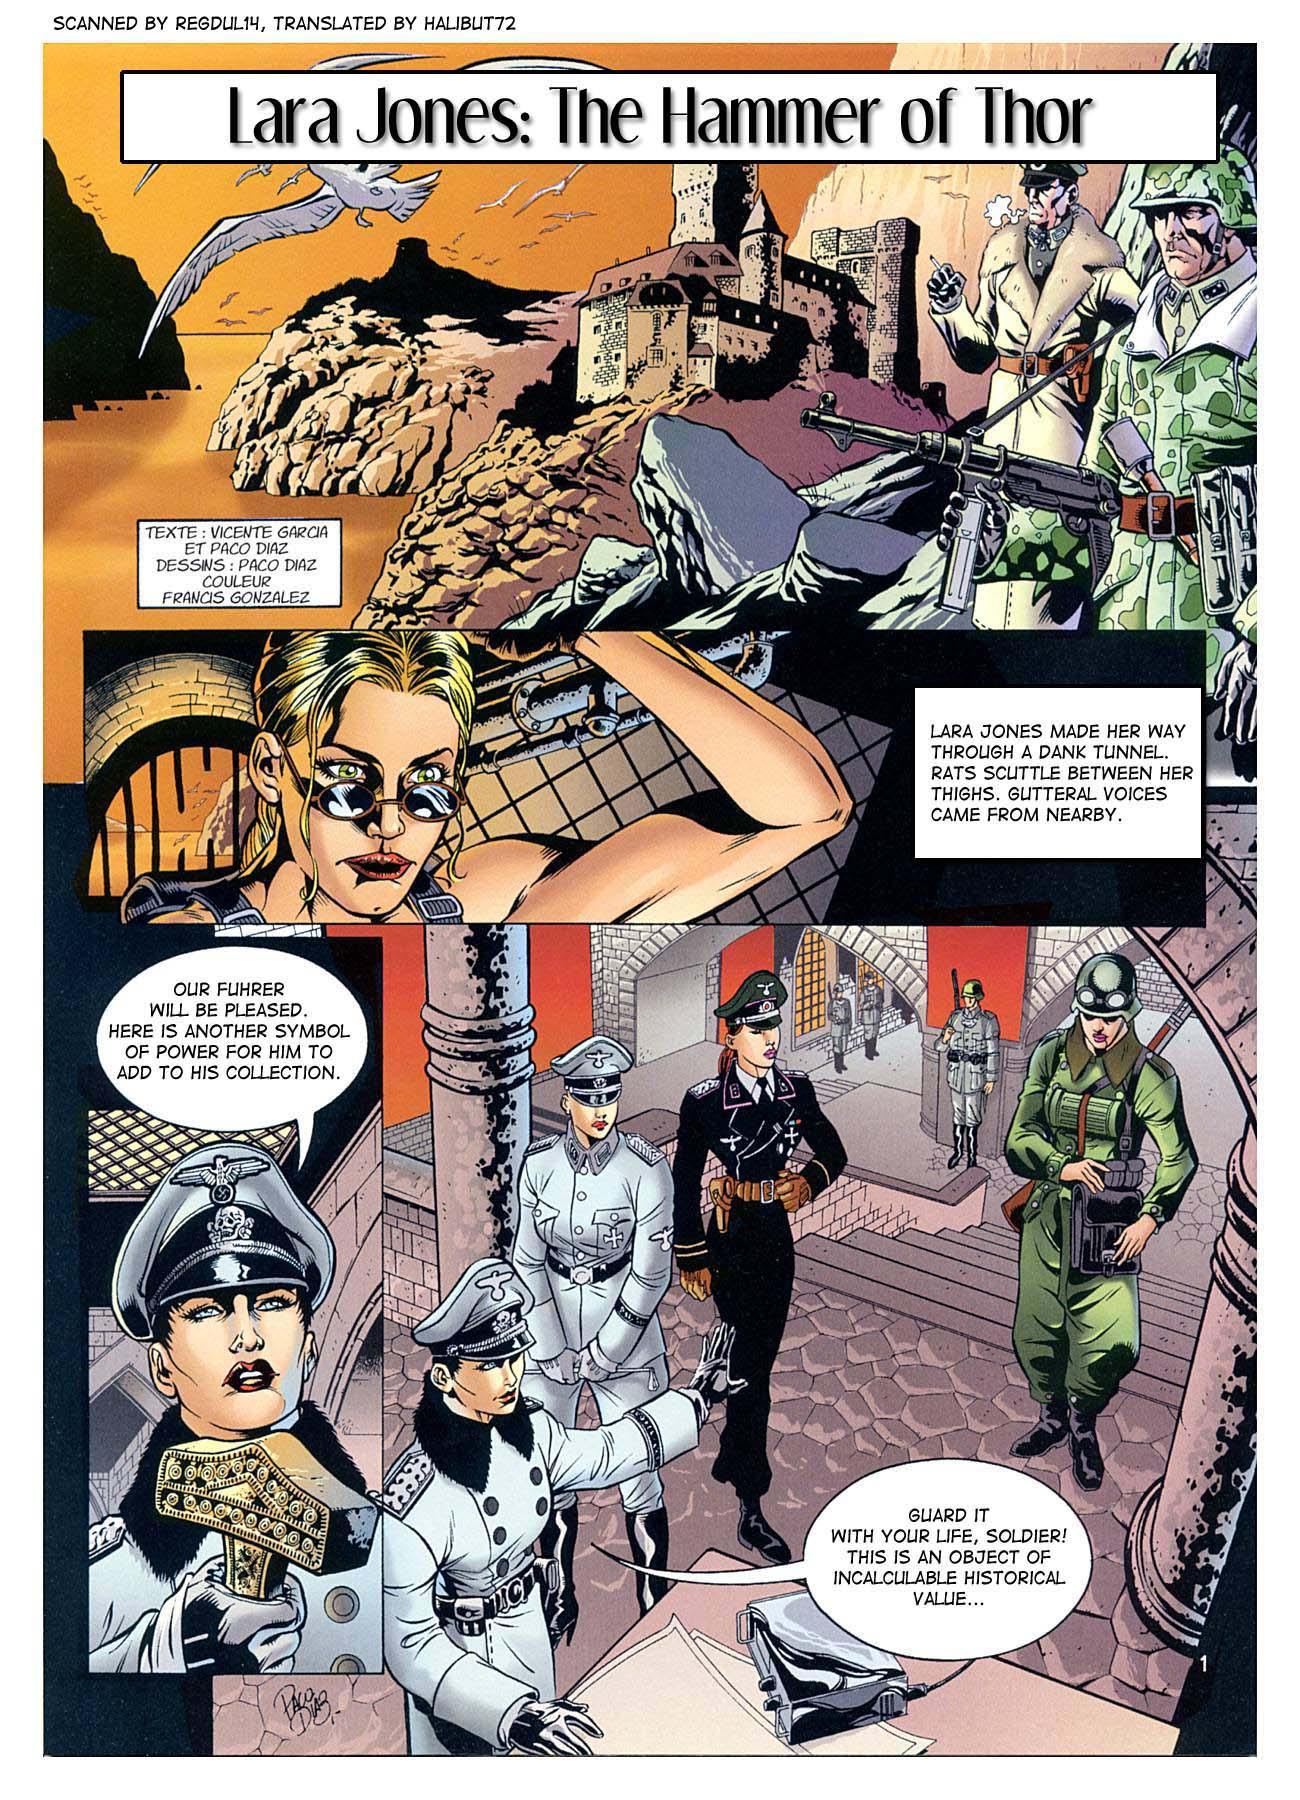 Porn Comics - The Hammer Of Thor- Lara Jones porn comics 8 muses